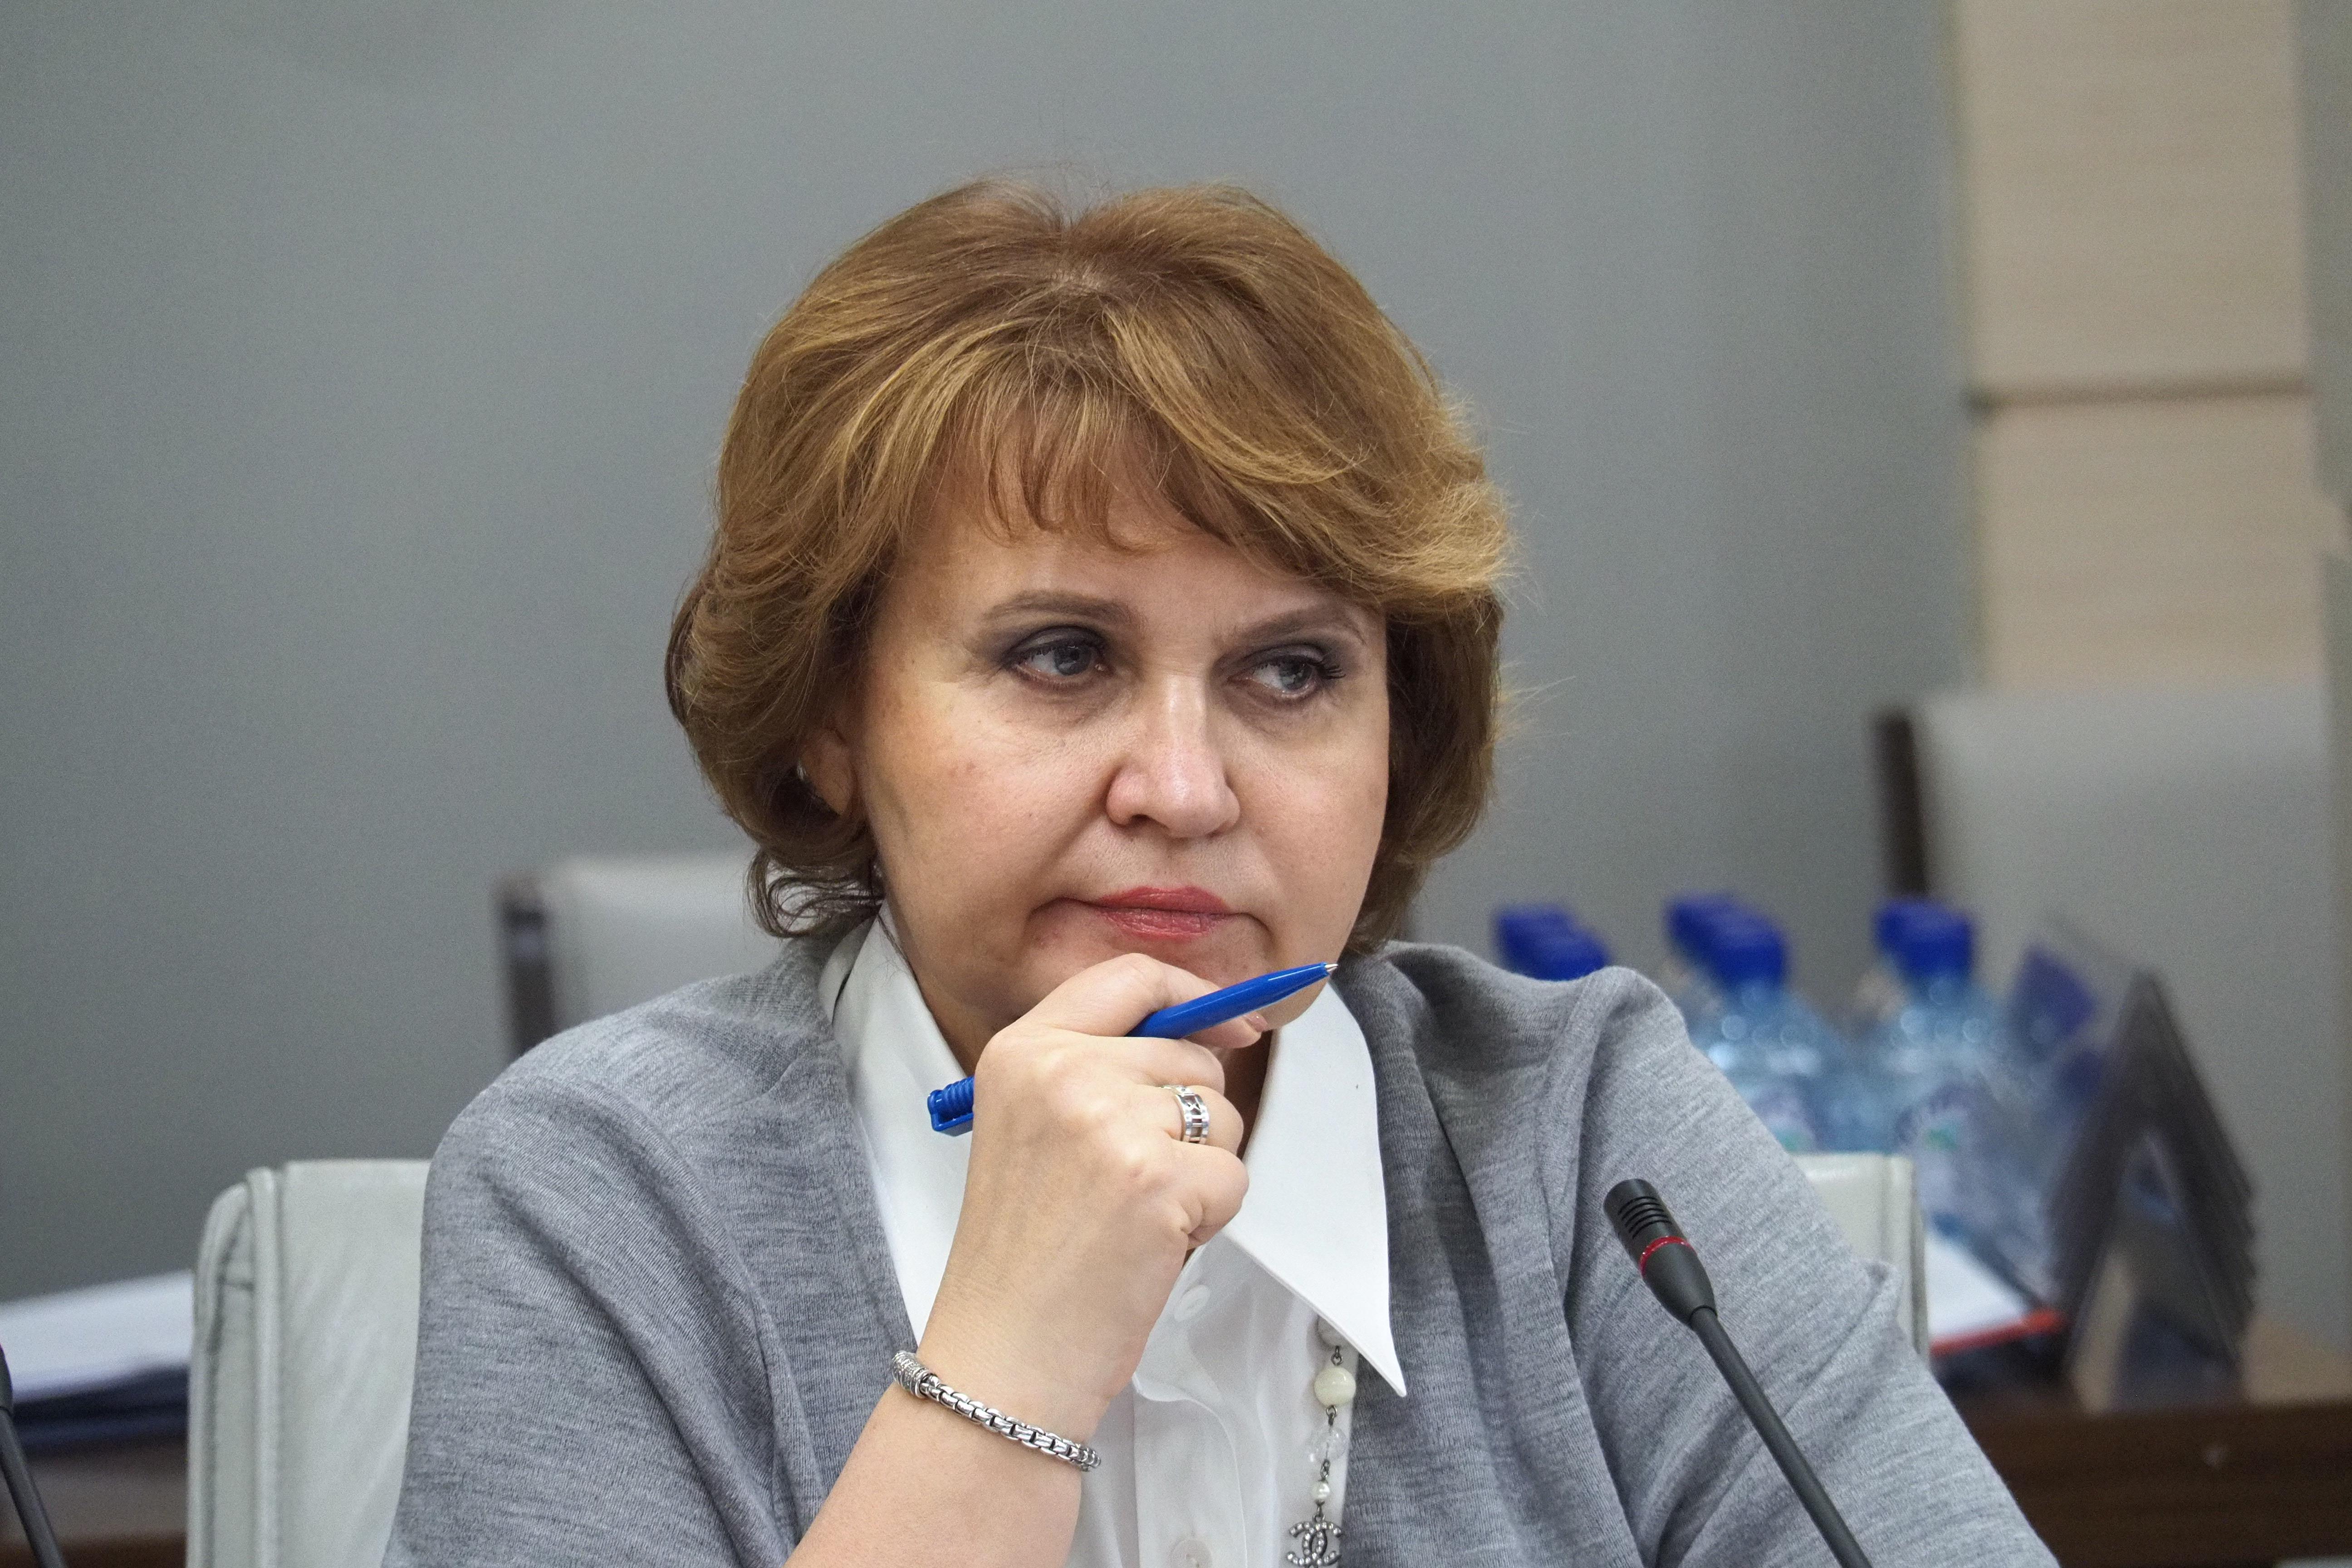 Депутат МГД Гусева: городские гарантии и льготы для малого и среднего бизнеса — это инвестиции в общее будущее